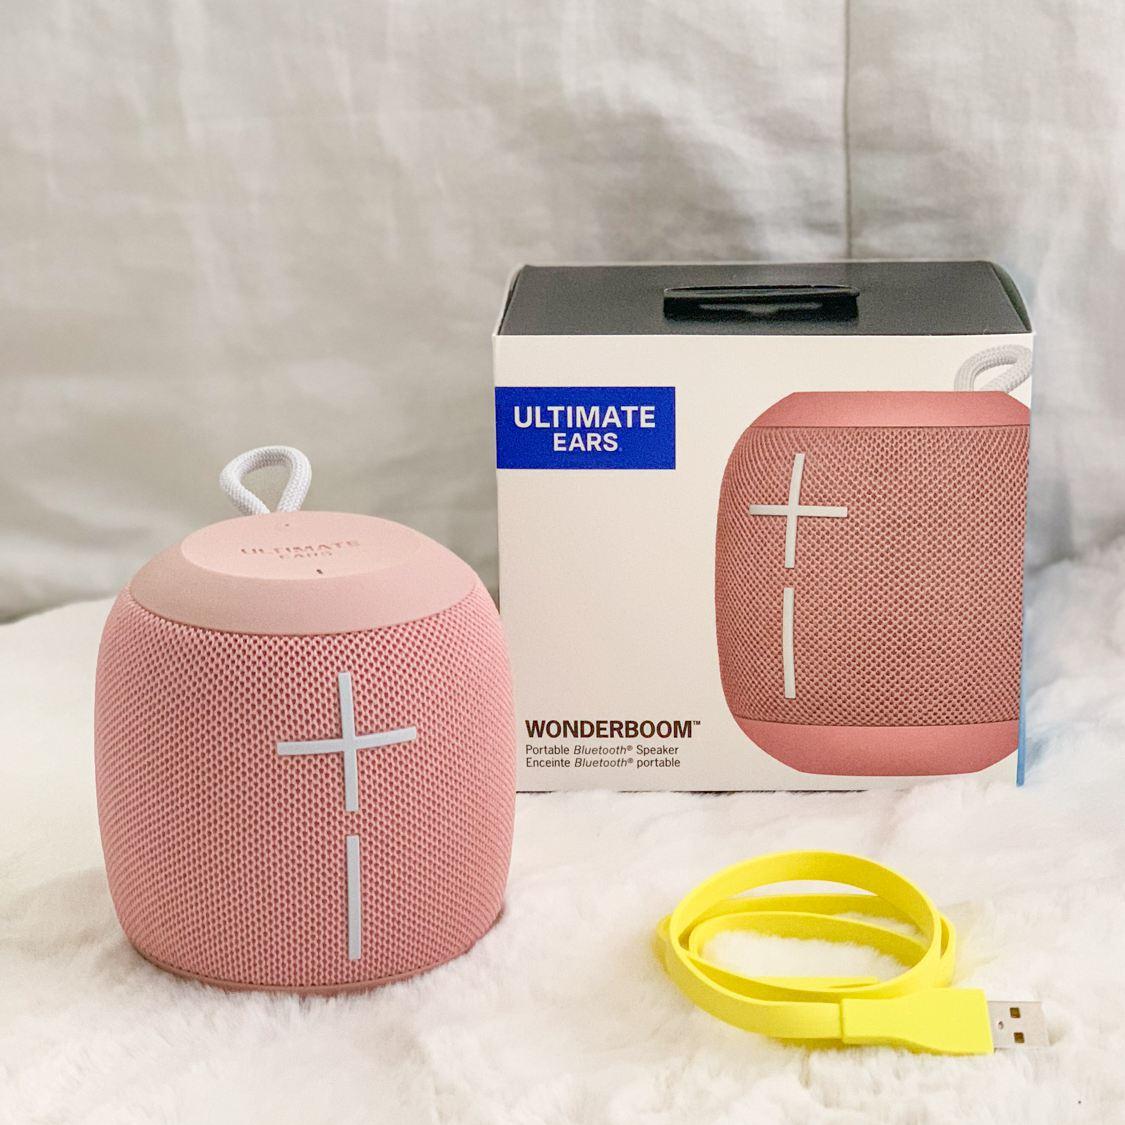 Ultimate Ears Wonderboom shower speakers